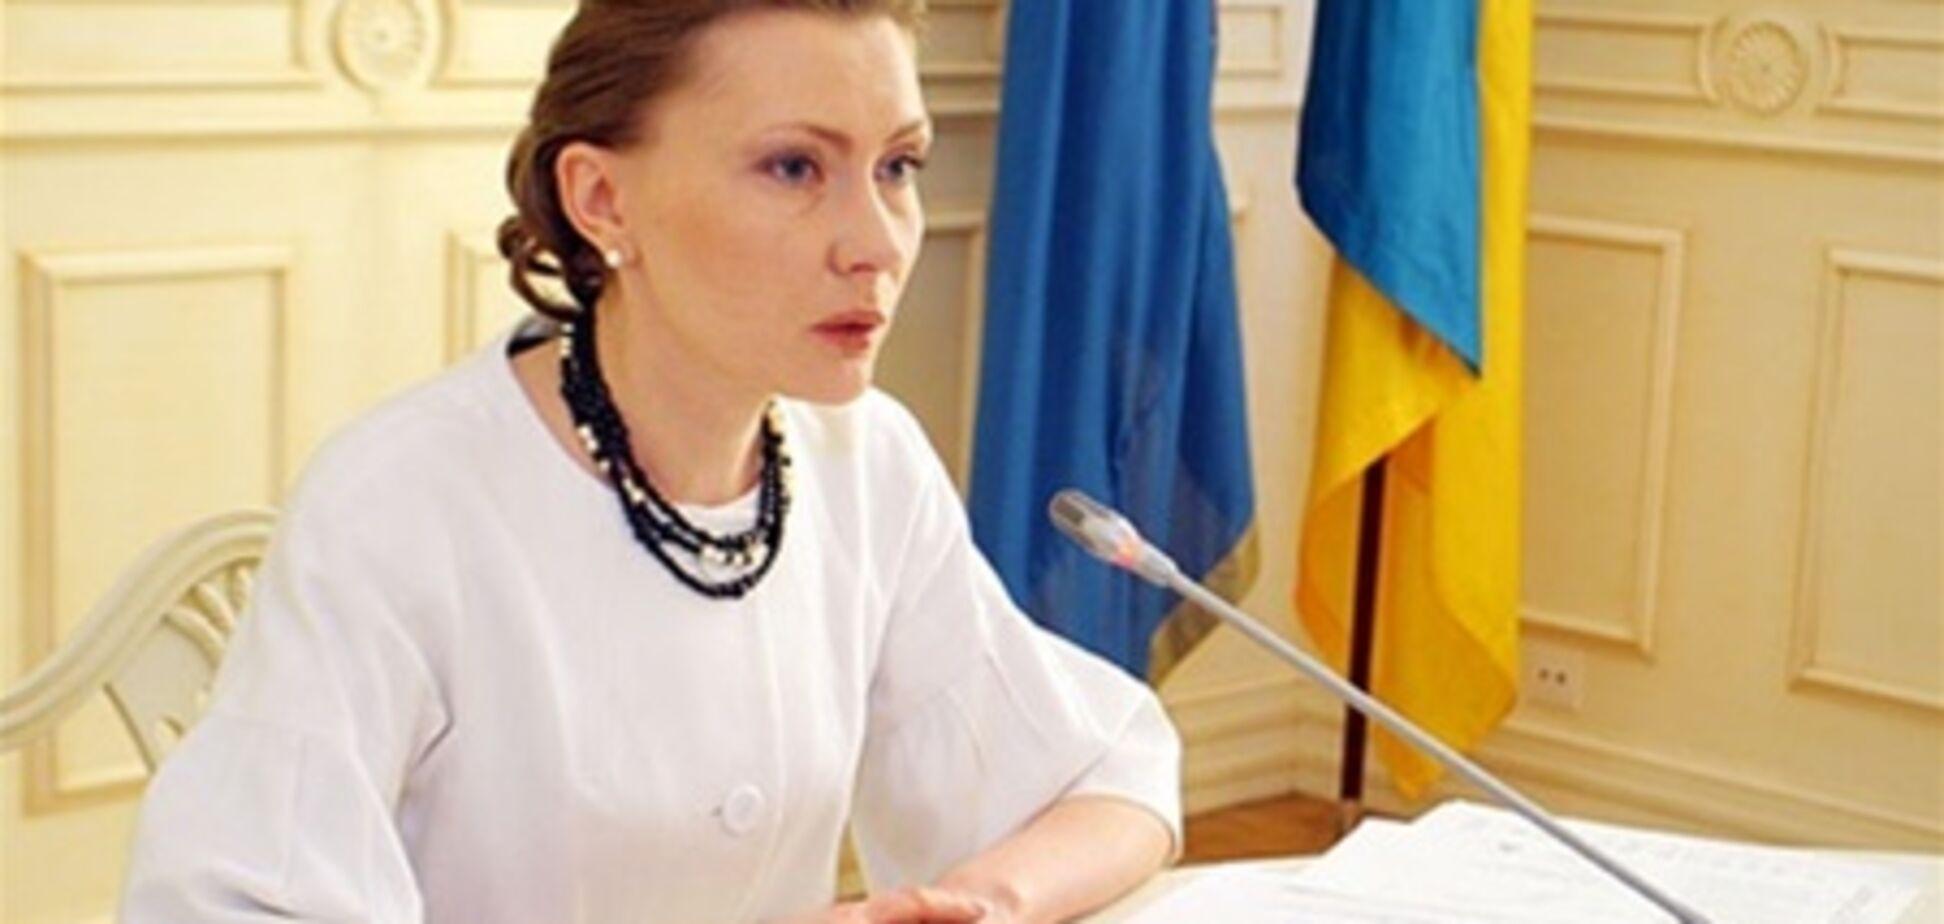 Шлапак: Київ повинен терміново убезпечити бригади 'швидких'